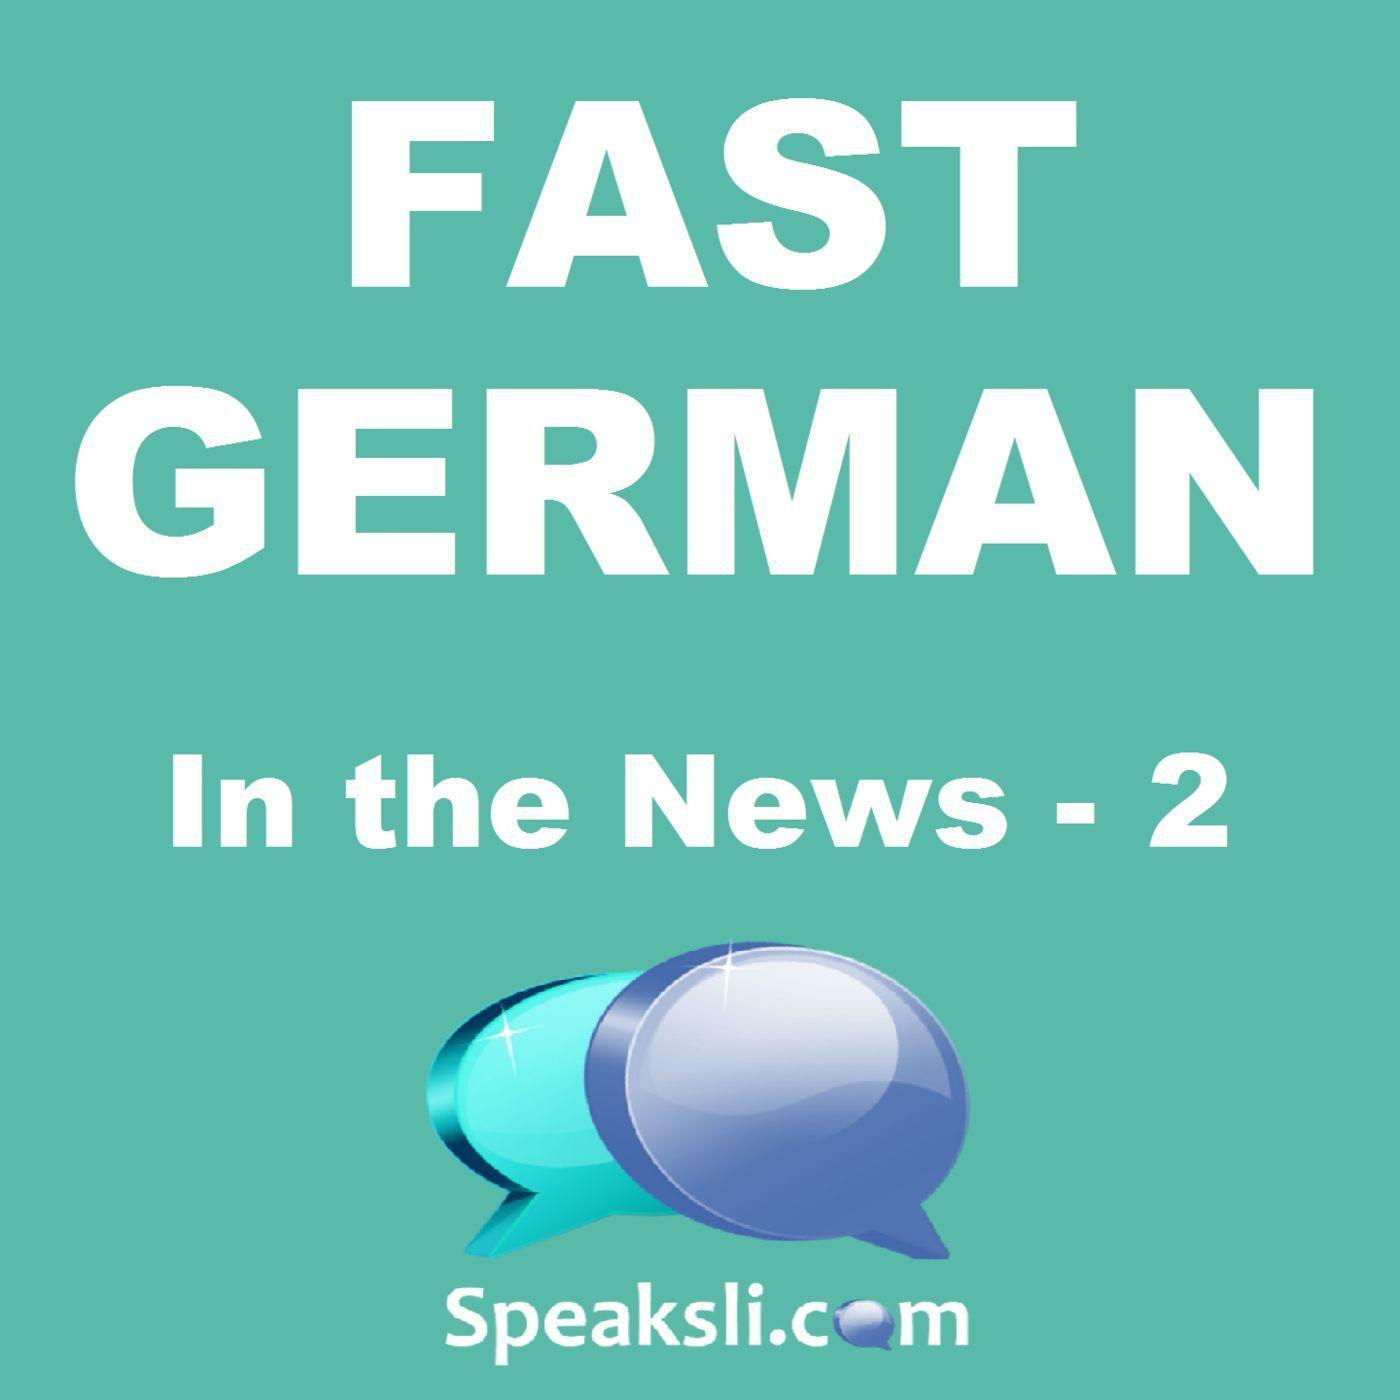 Ep. 37: German in the News - 2 | Fast German | Speaksli